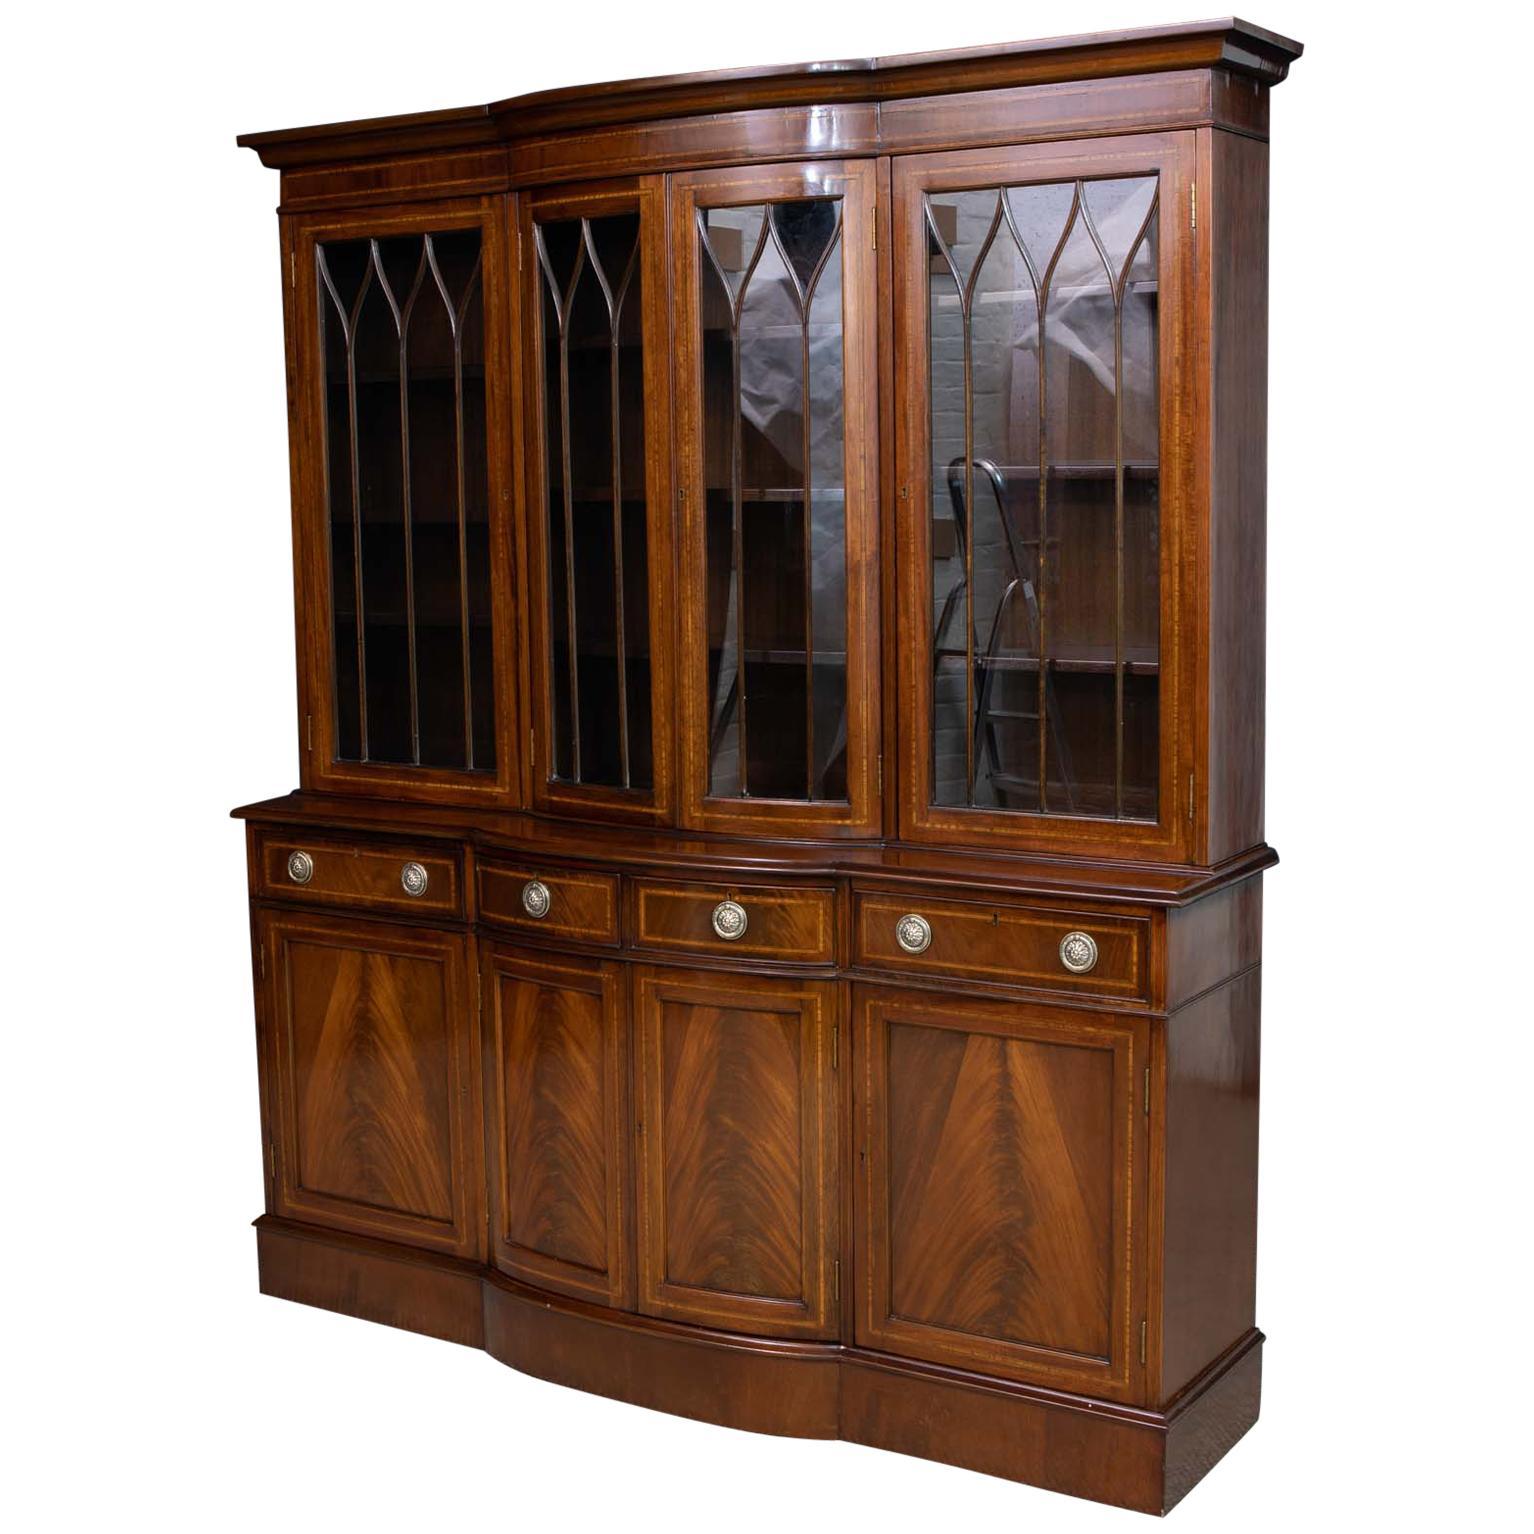 Sheraton Revival Mahogany Bookcase